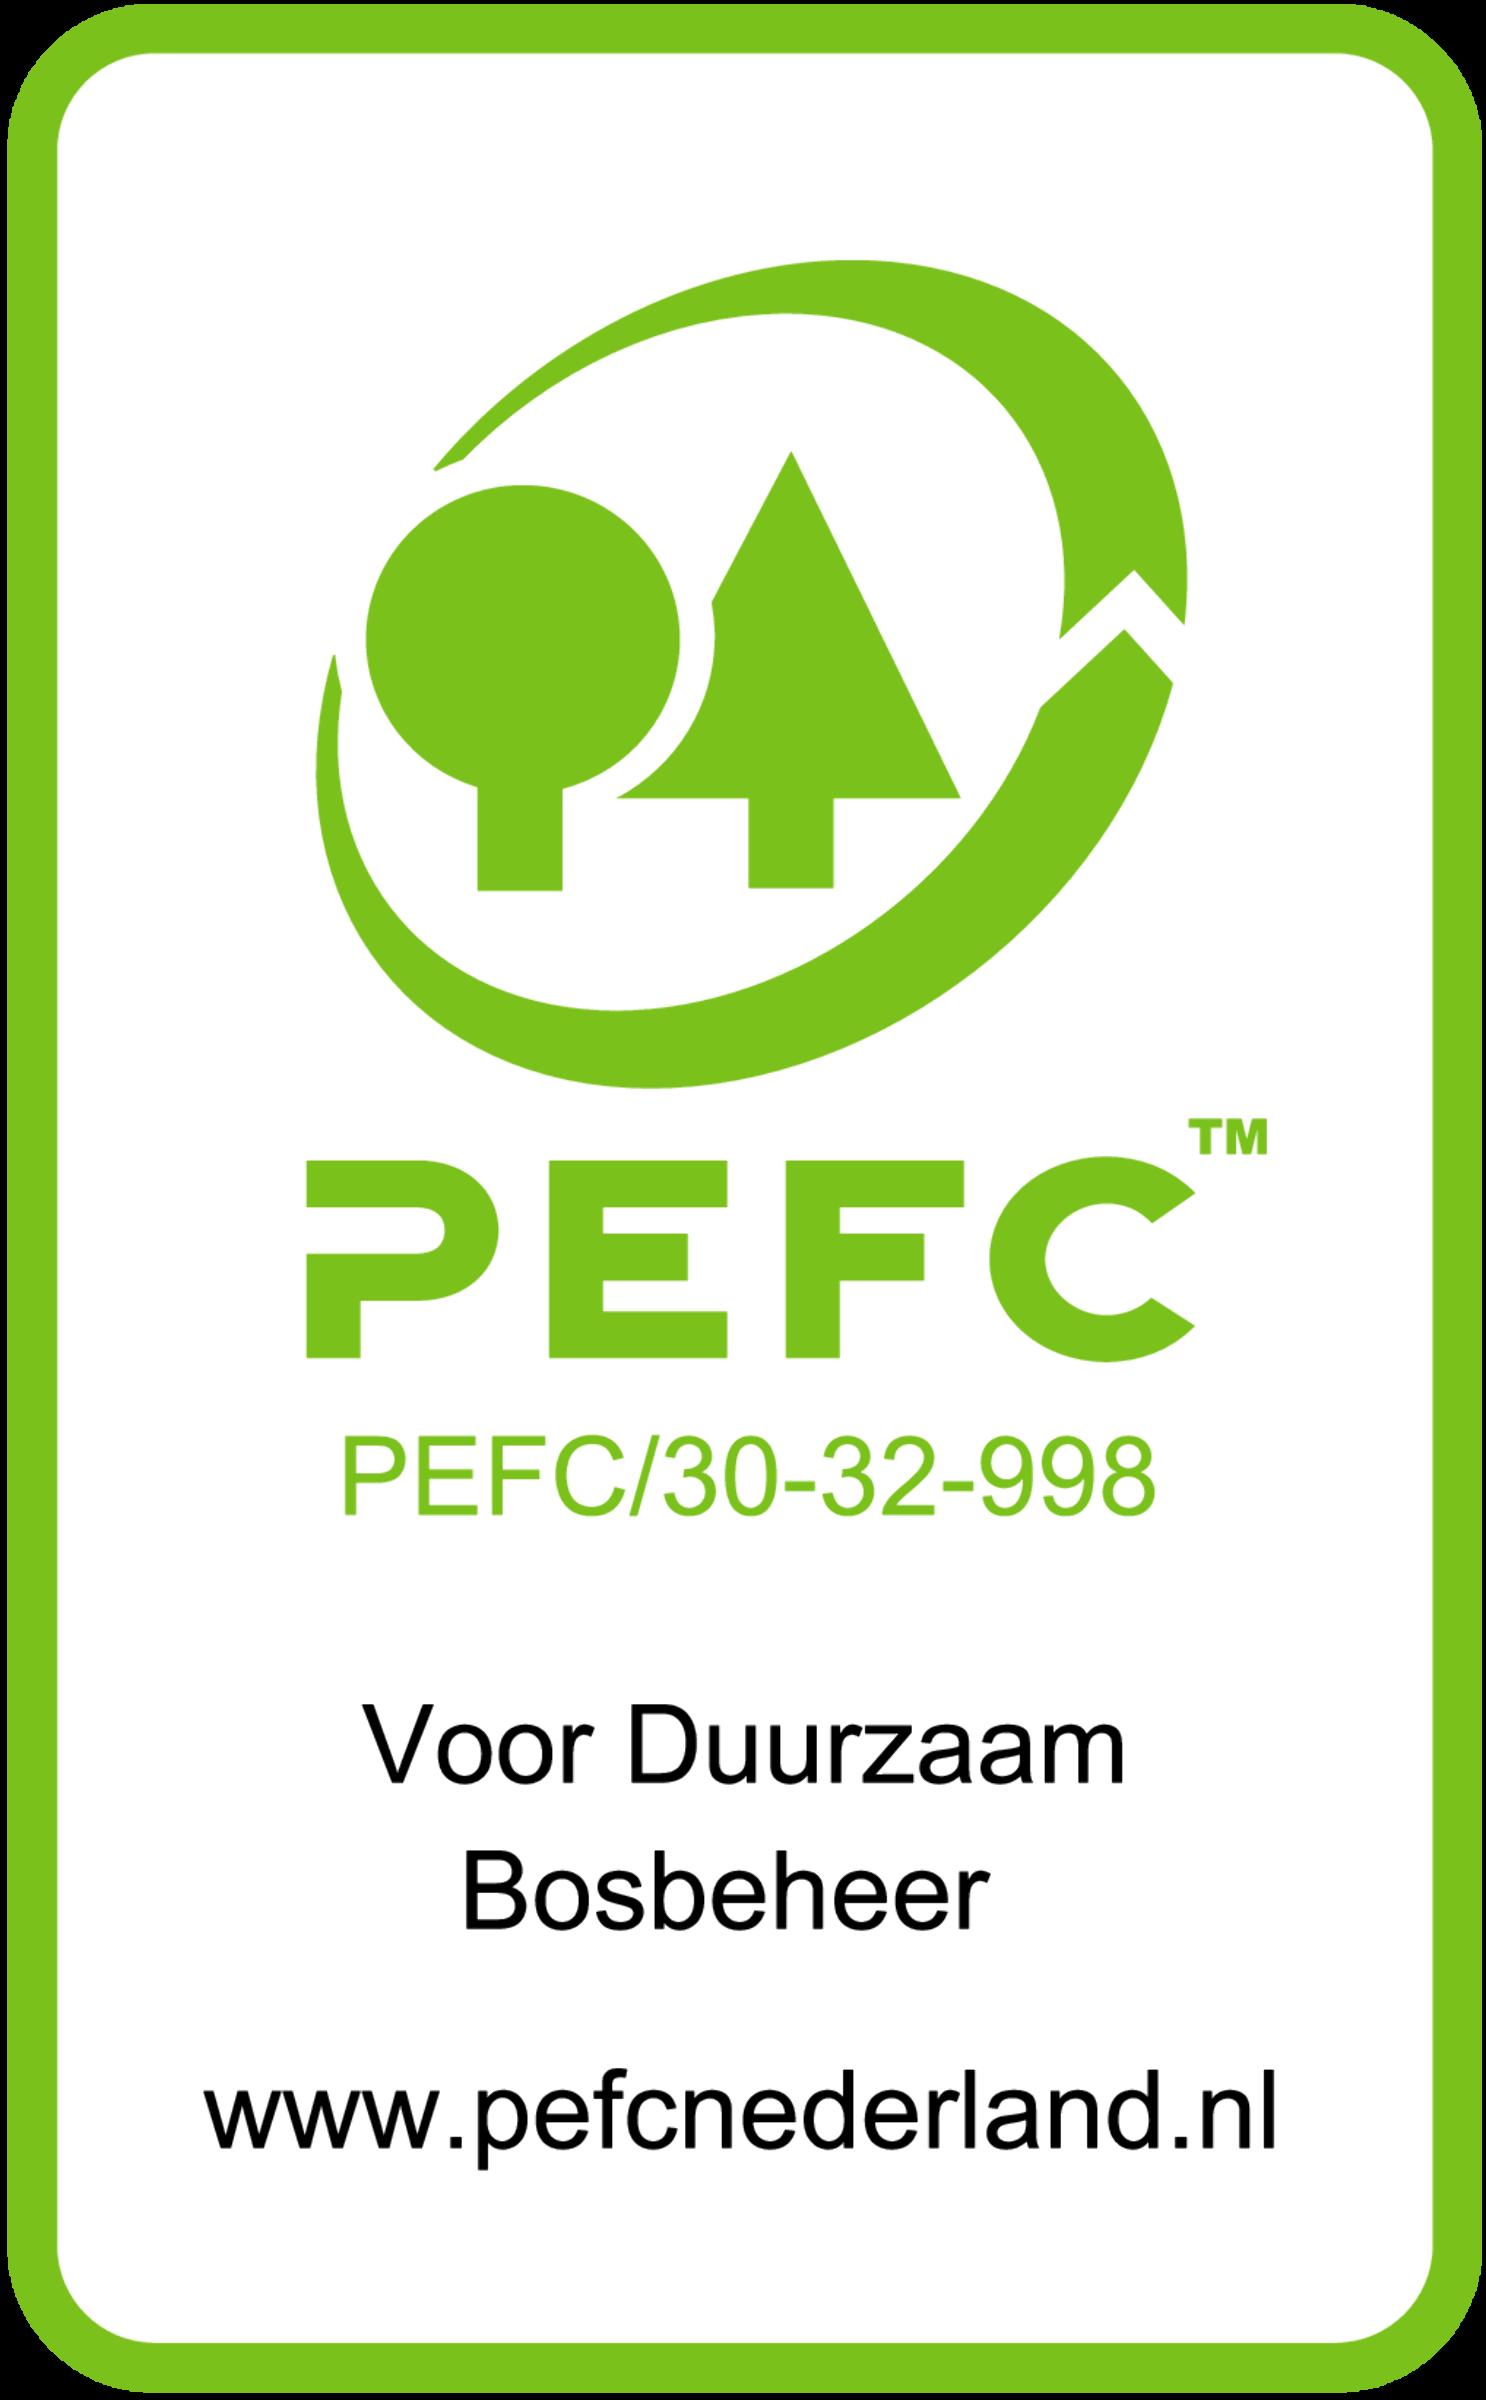 PEFC gecertificeerd